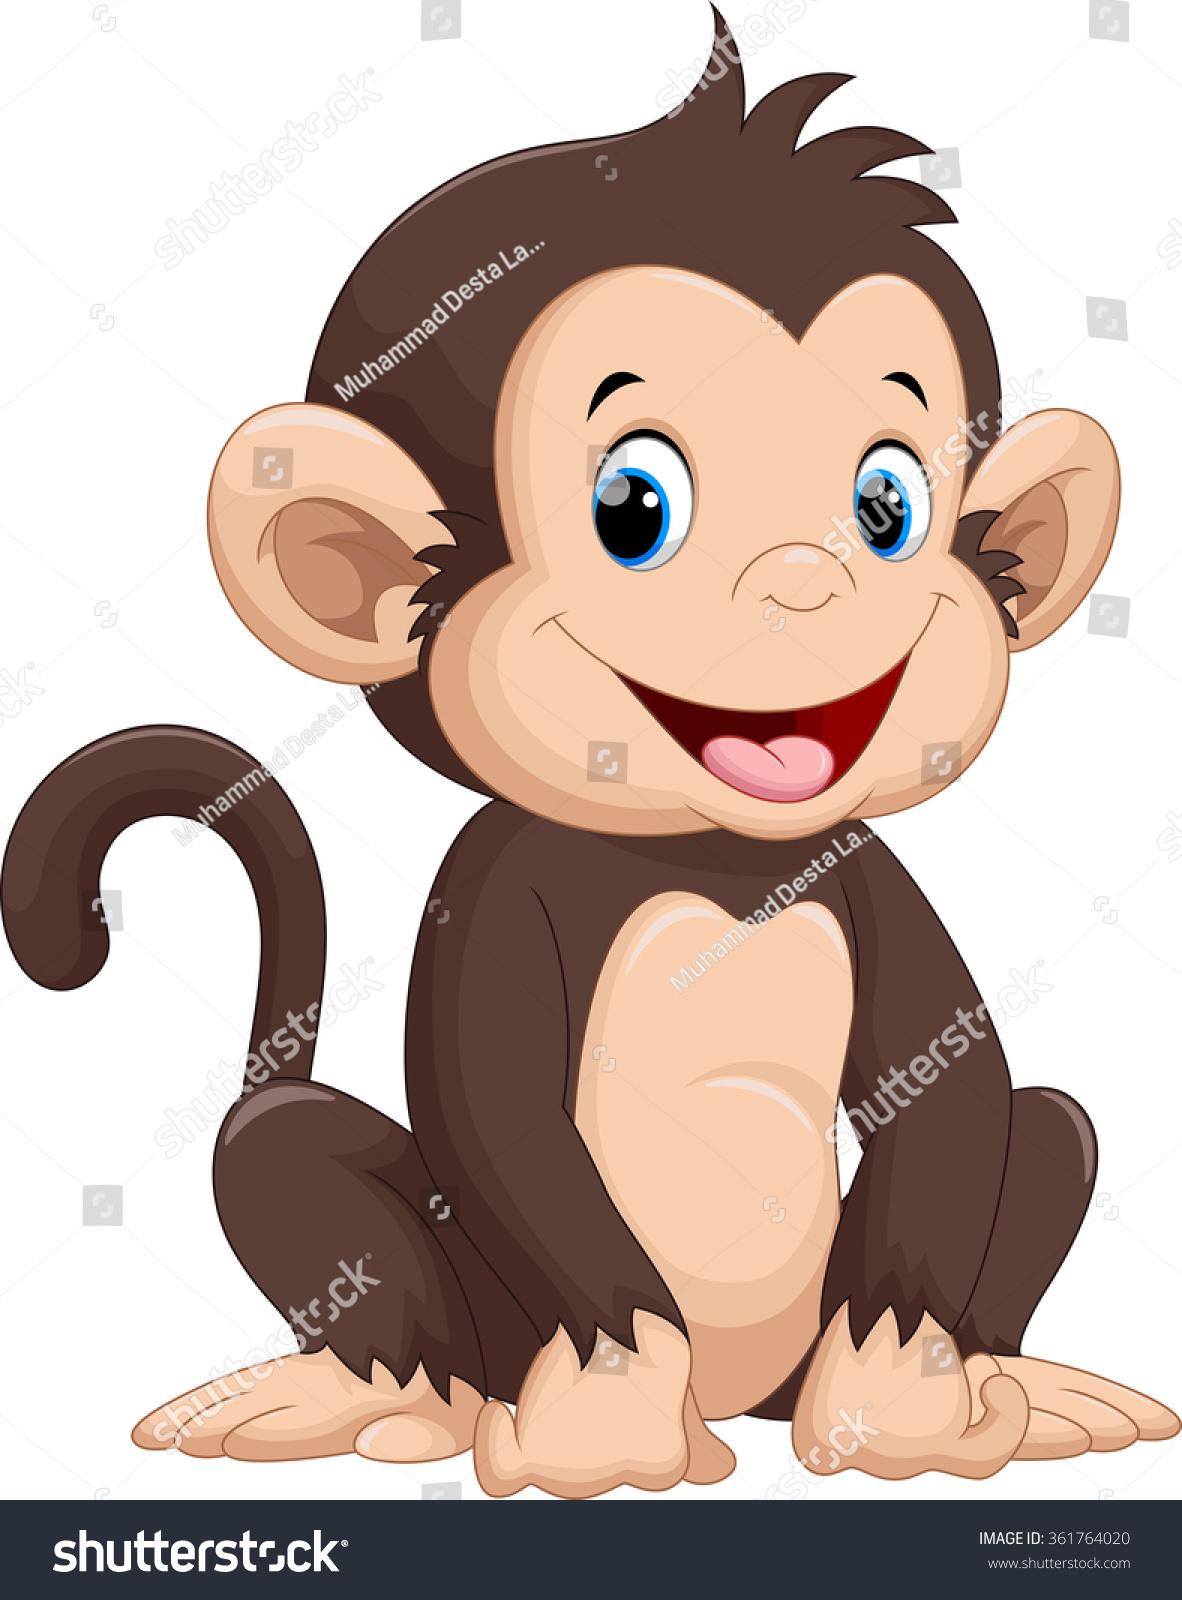 Gallery For gt Cartoon Monkeys Cute